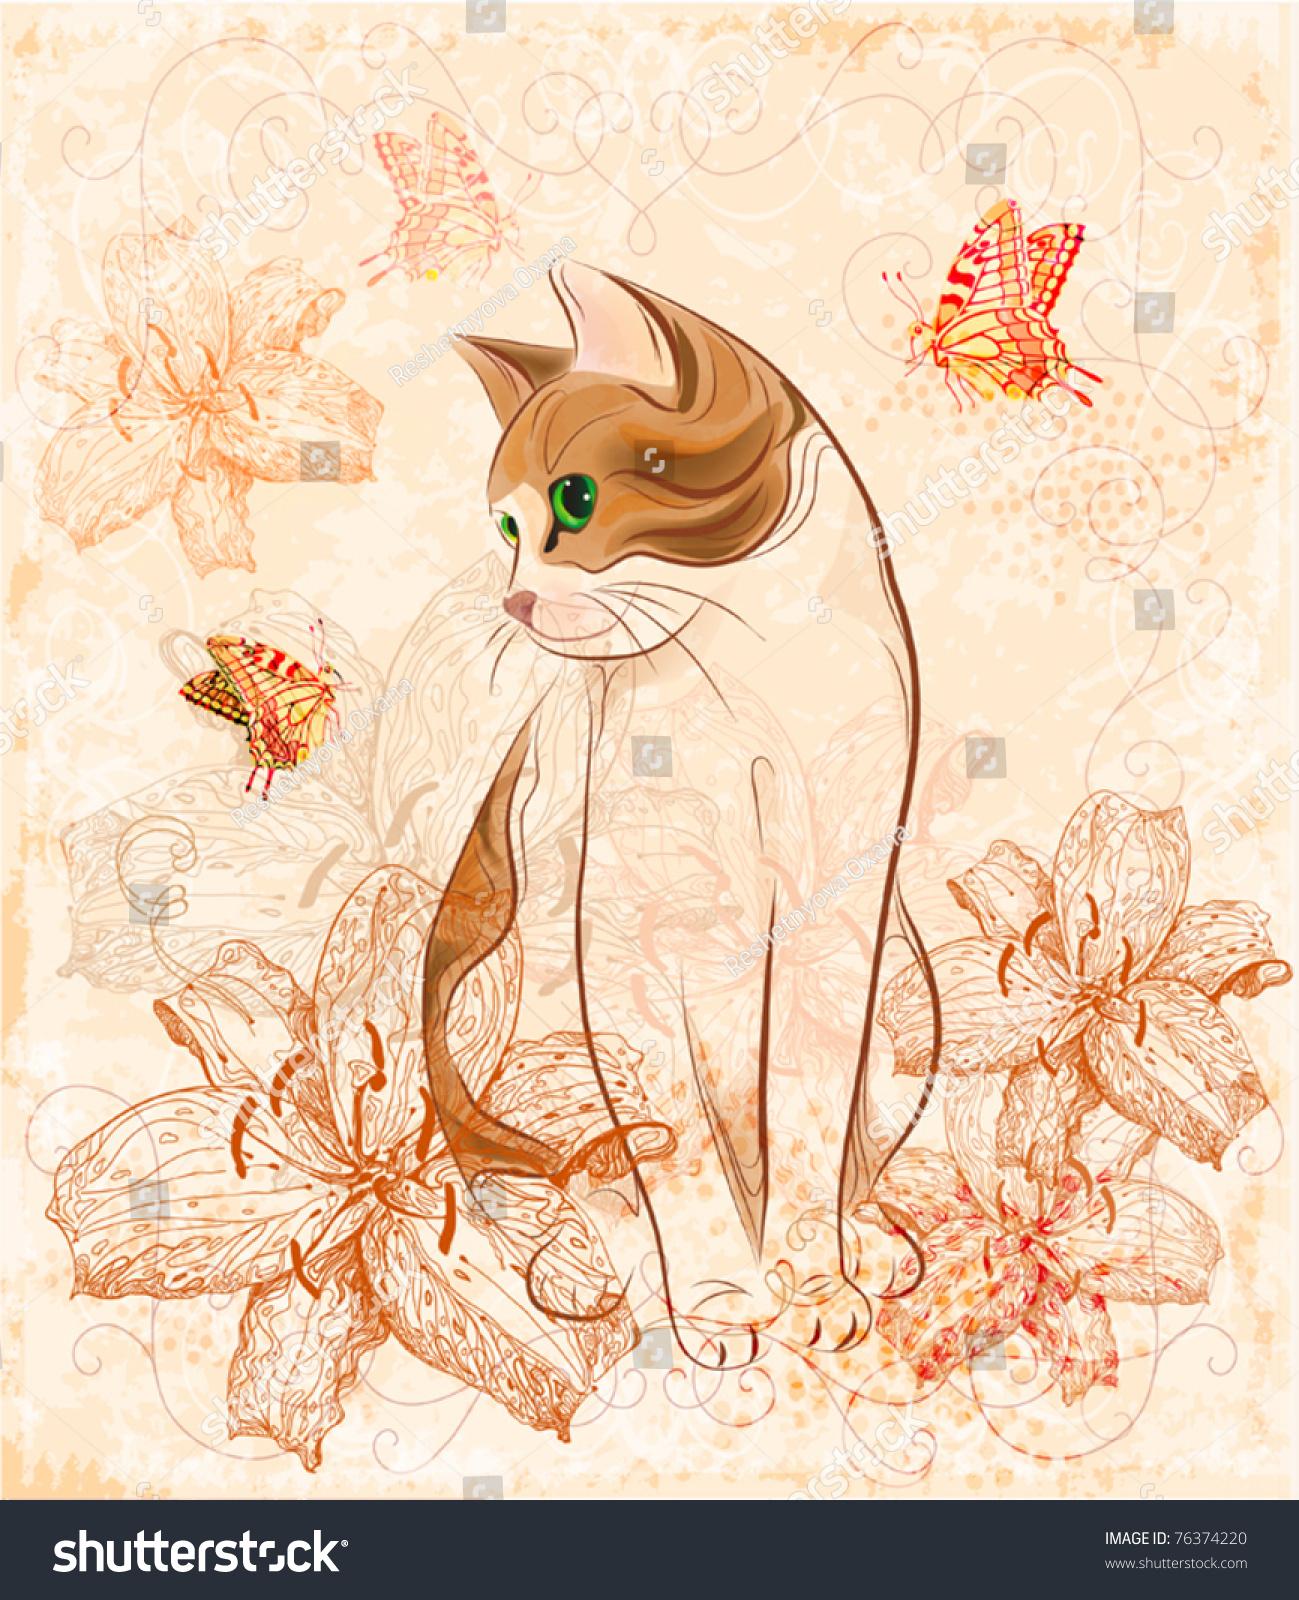 的生日贺卡猫和百合花.-复古风格,插图/剪贴图-海洛()